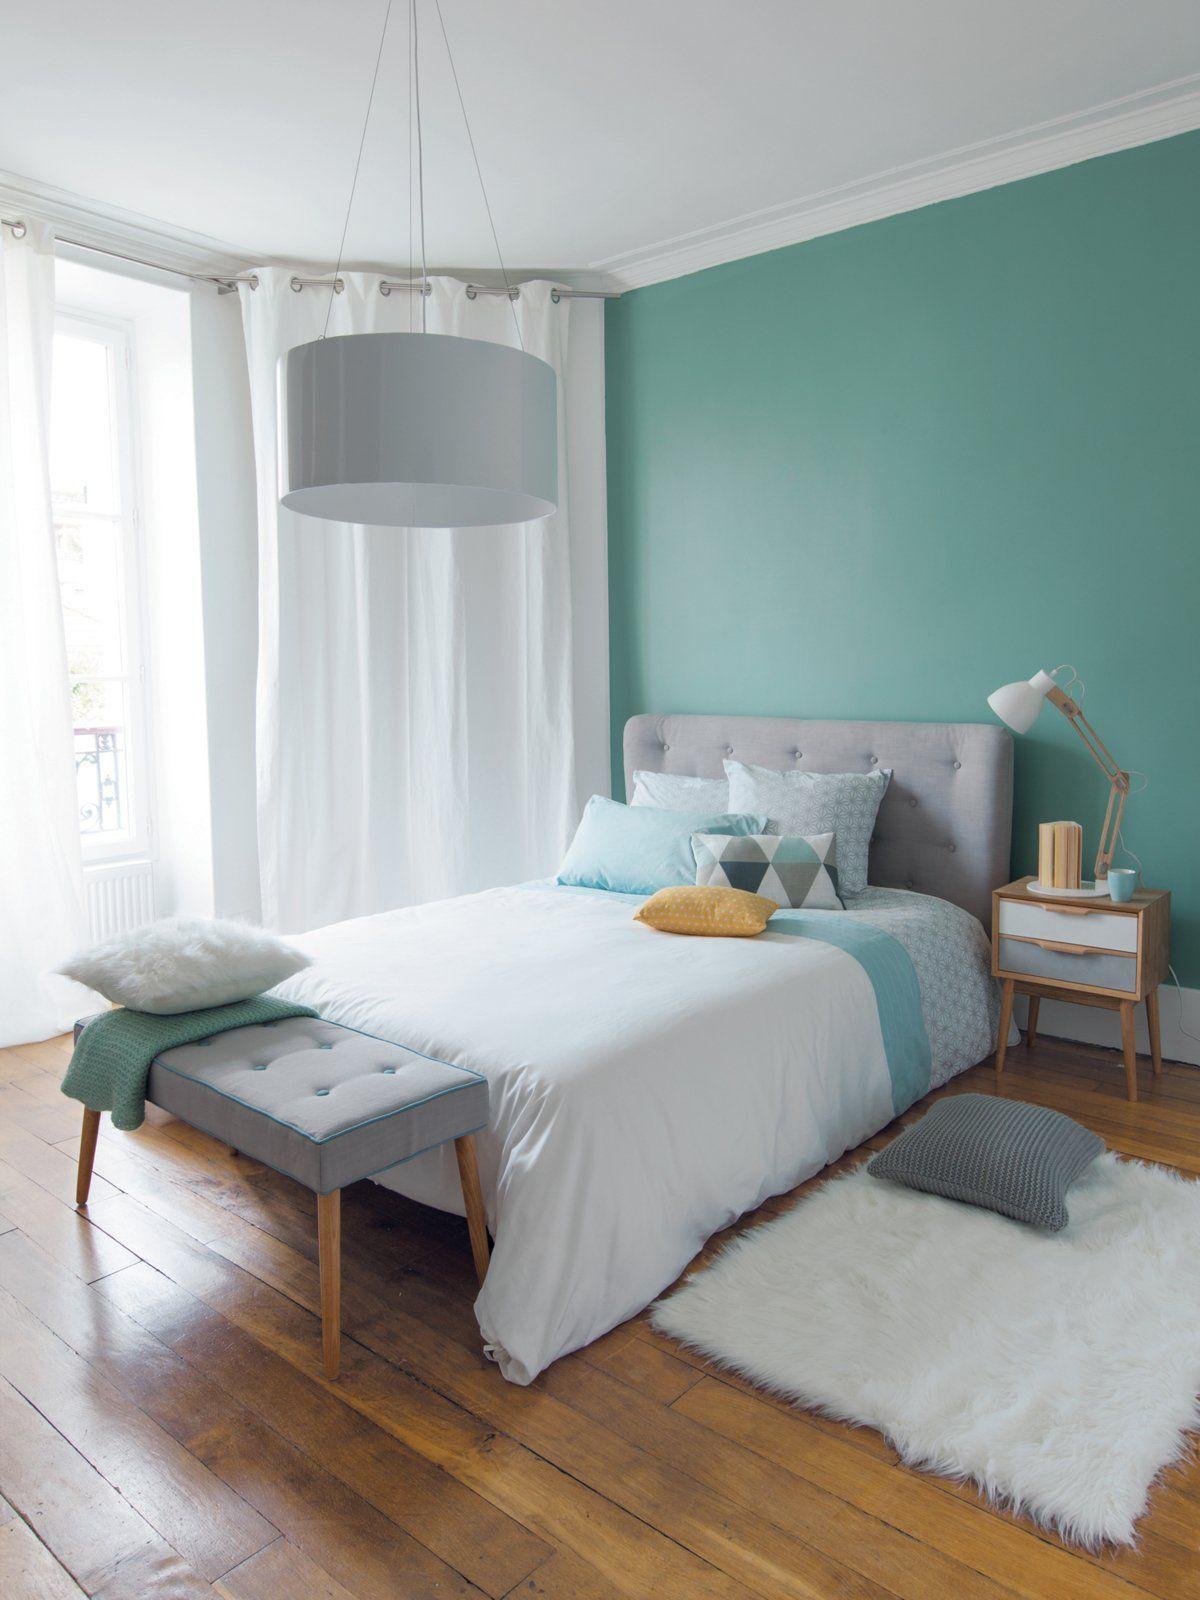 Wohnideen für jedes Budget | Pinterest | Schattierungen, Kühler und ...